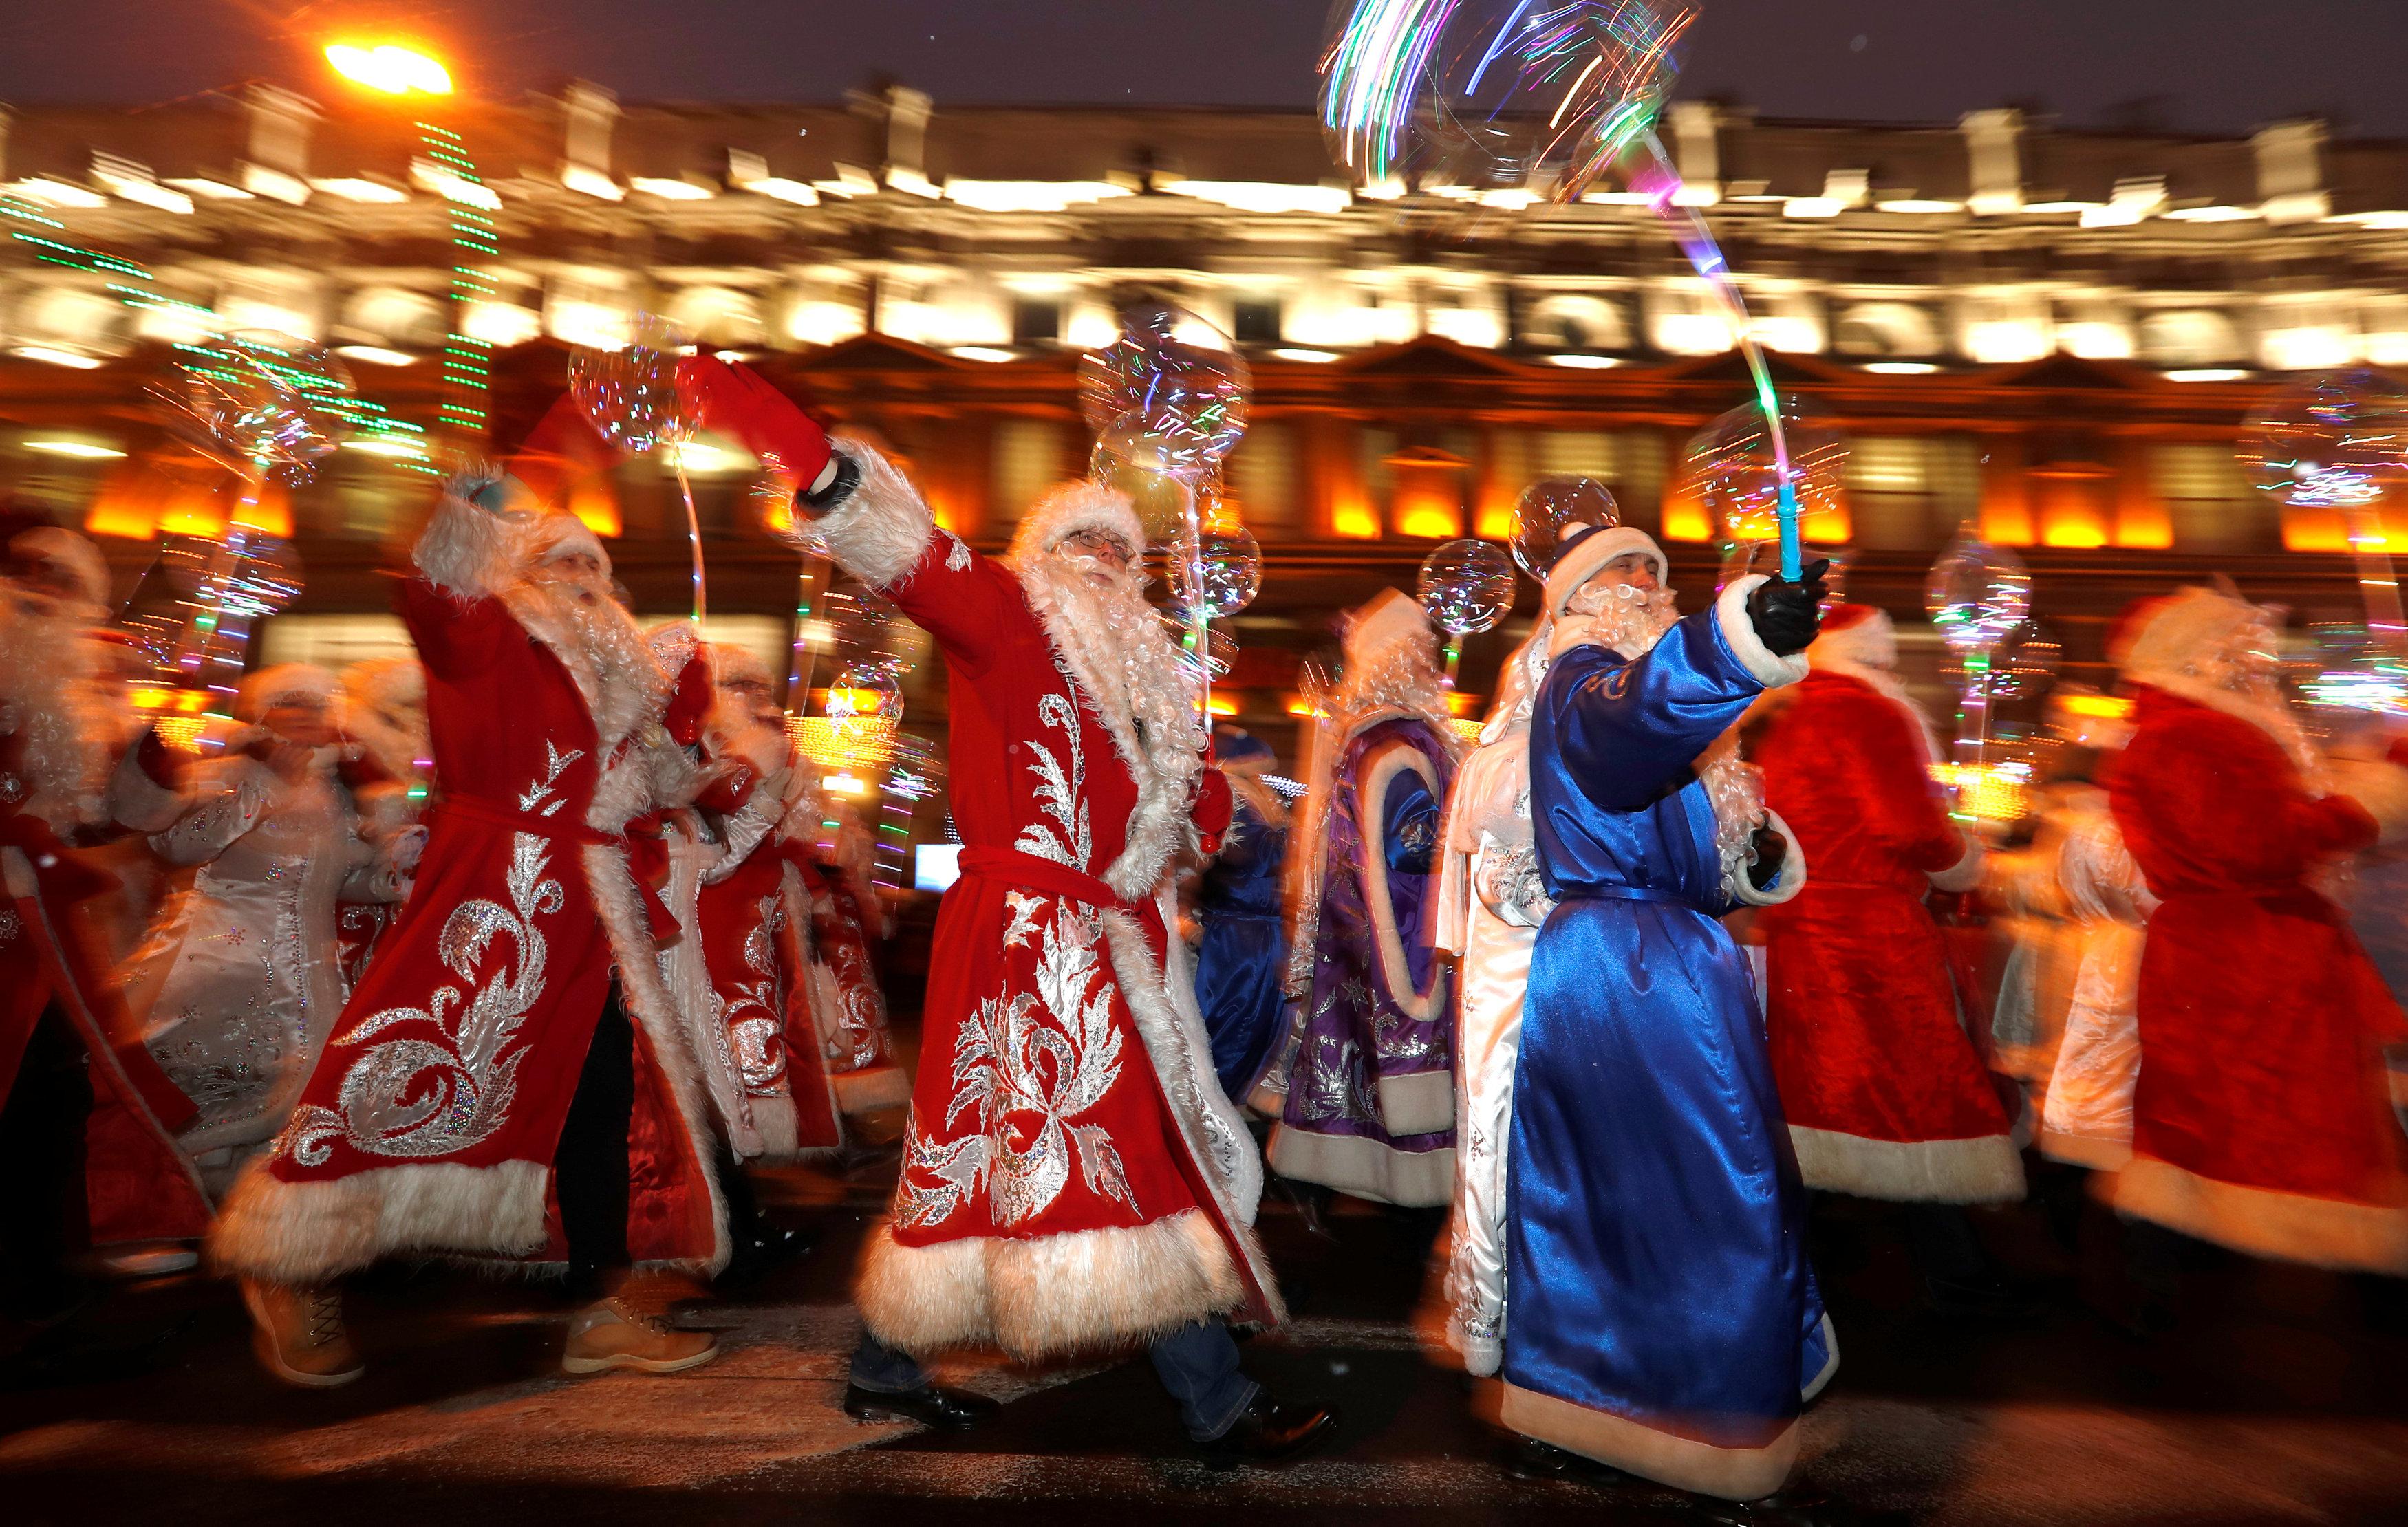 جانب من الاحتفالات فى بيلاروسيا